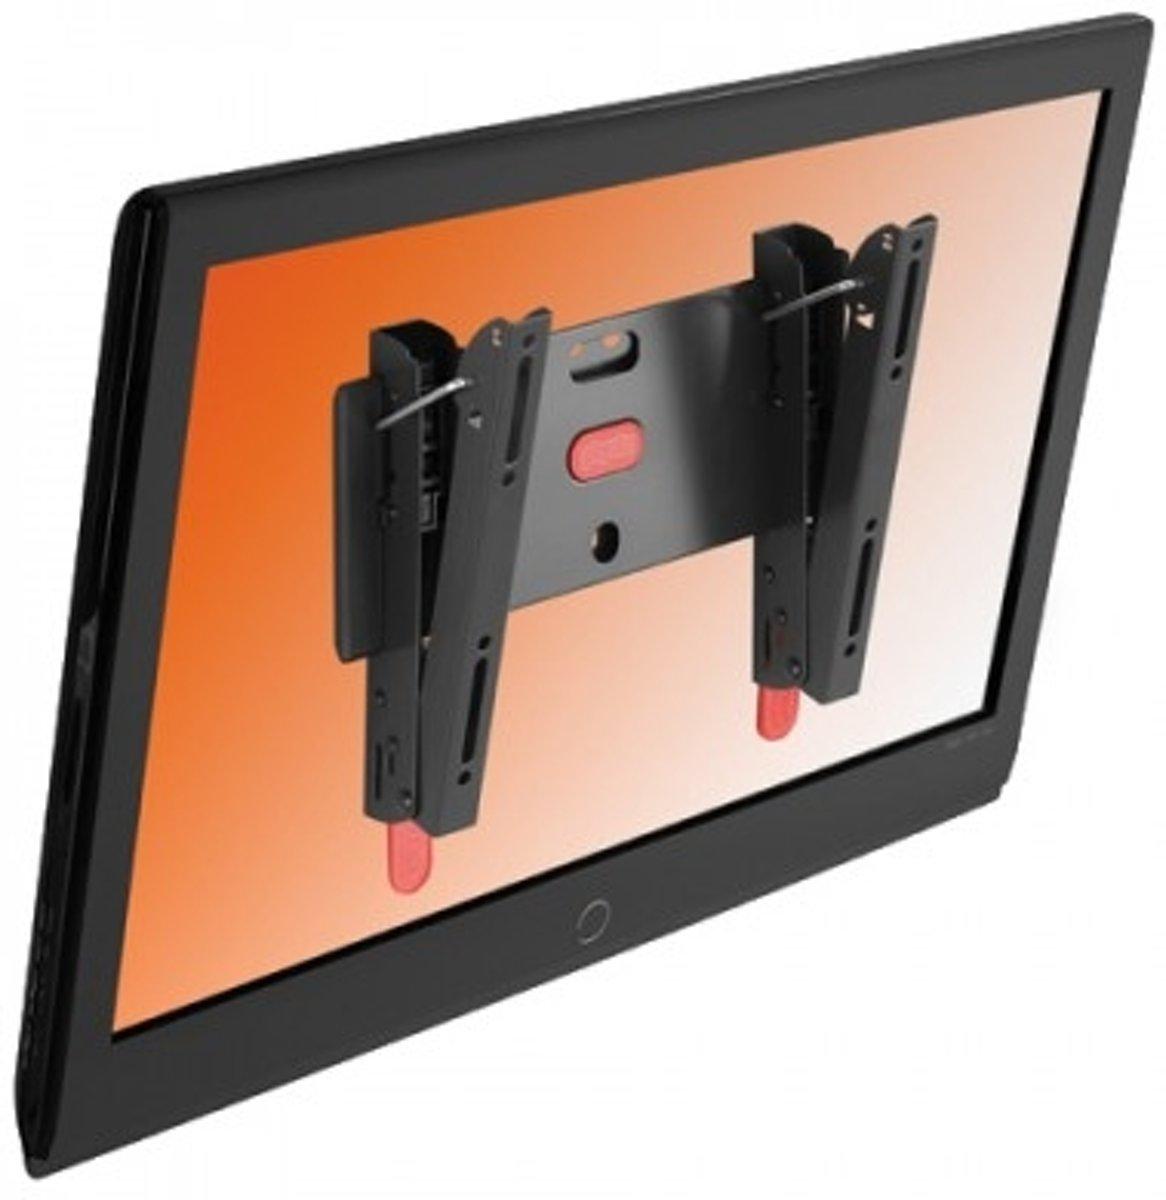 Physix PHW 200S - Kantelbare muurbeugel - Geschikt voor tv's van 10 t/m 26 inch - Zwart kopen